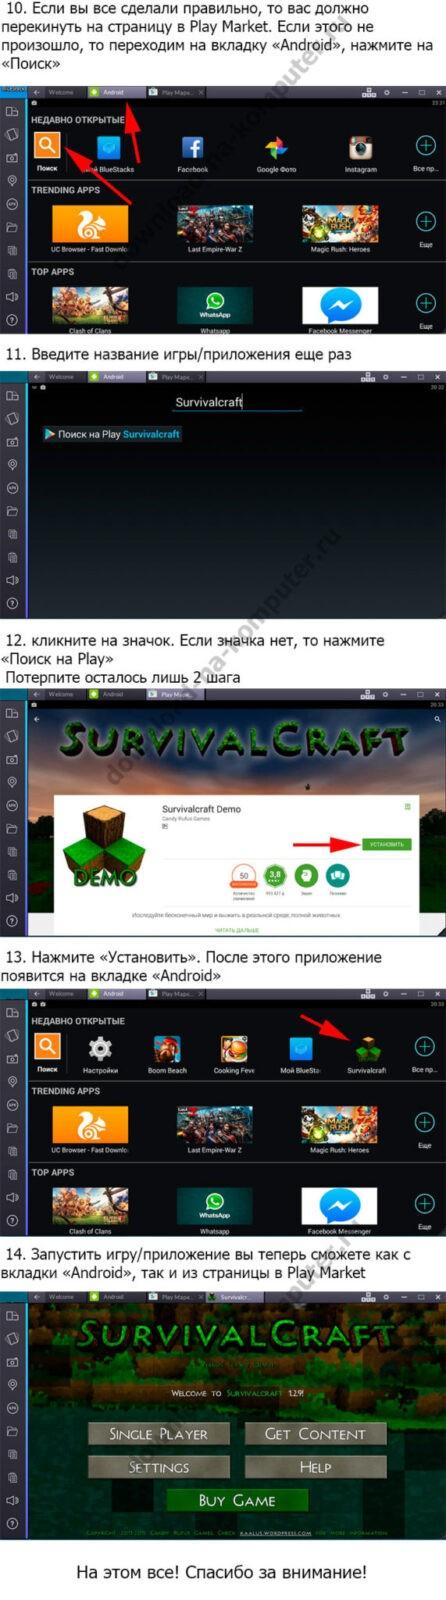 скачать игру майнкрафт 1.8.1 бесплатно полная версия текстура